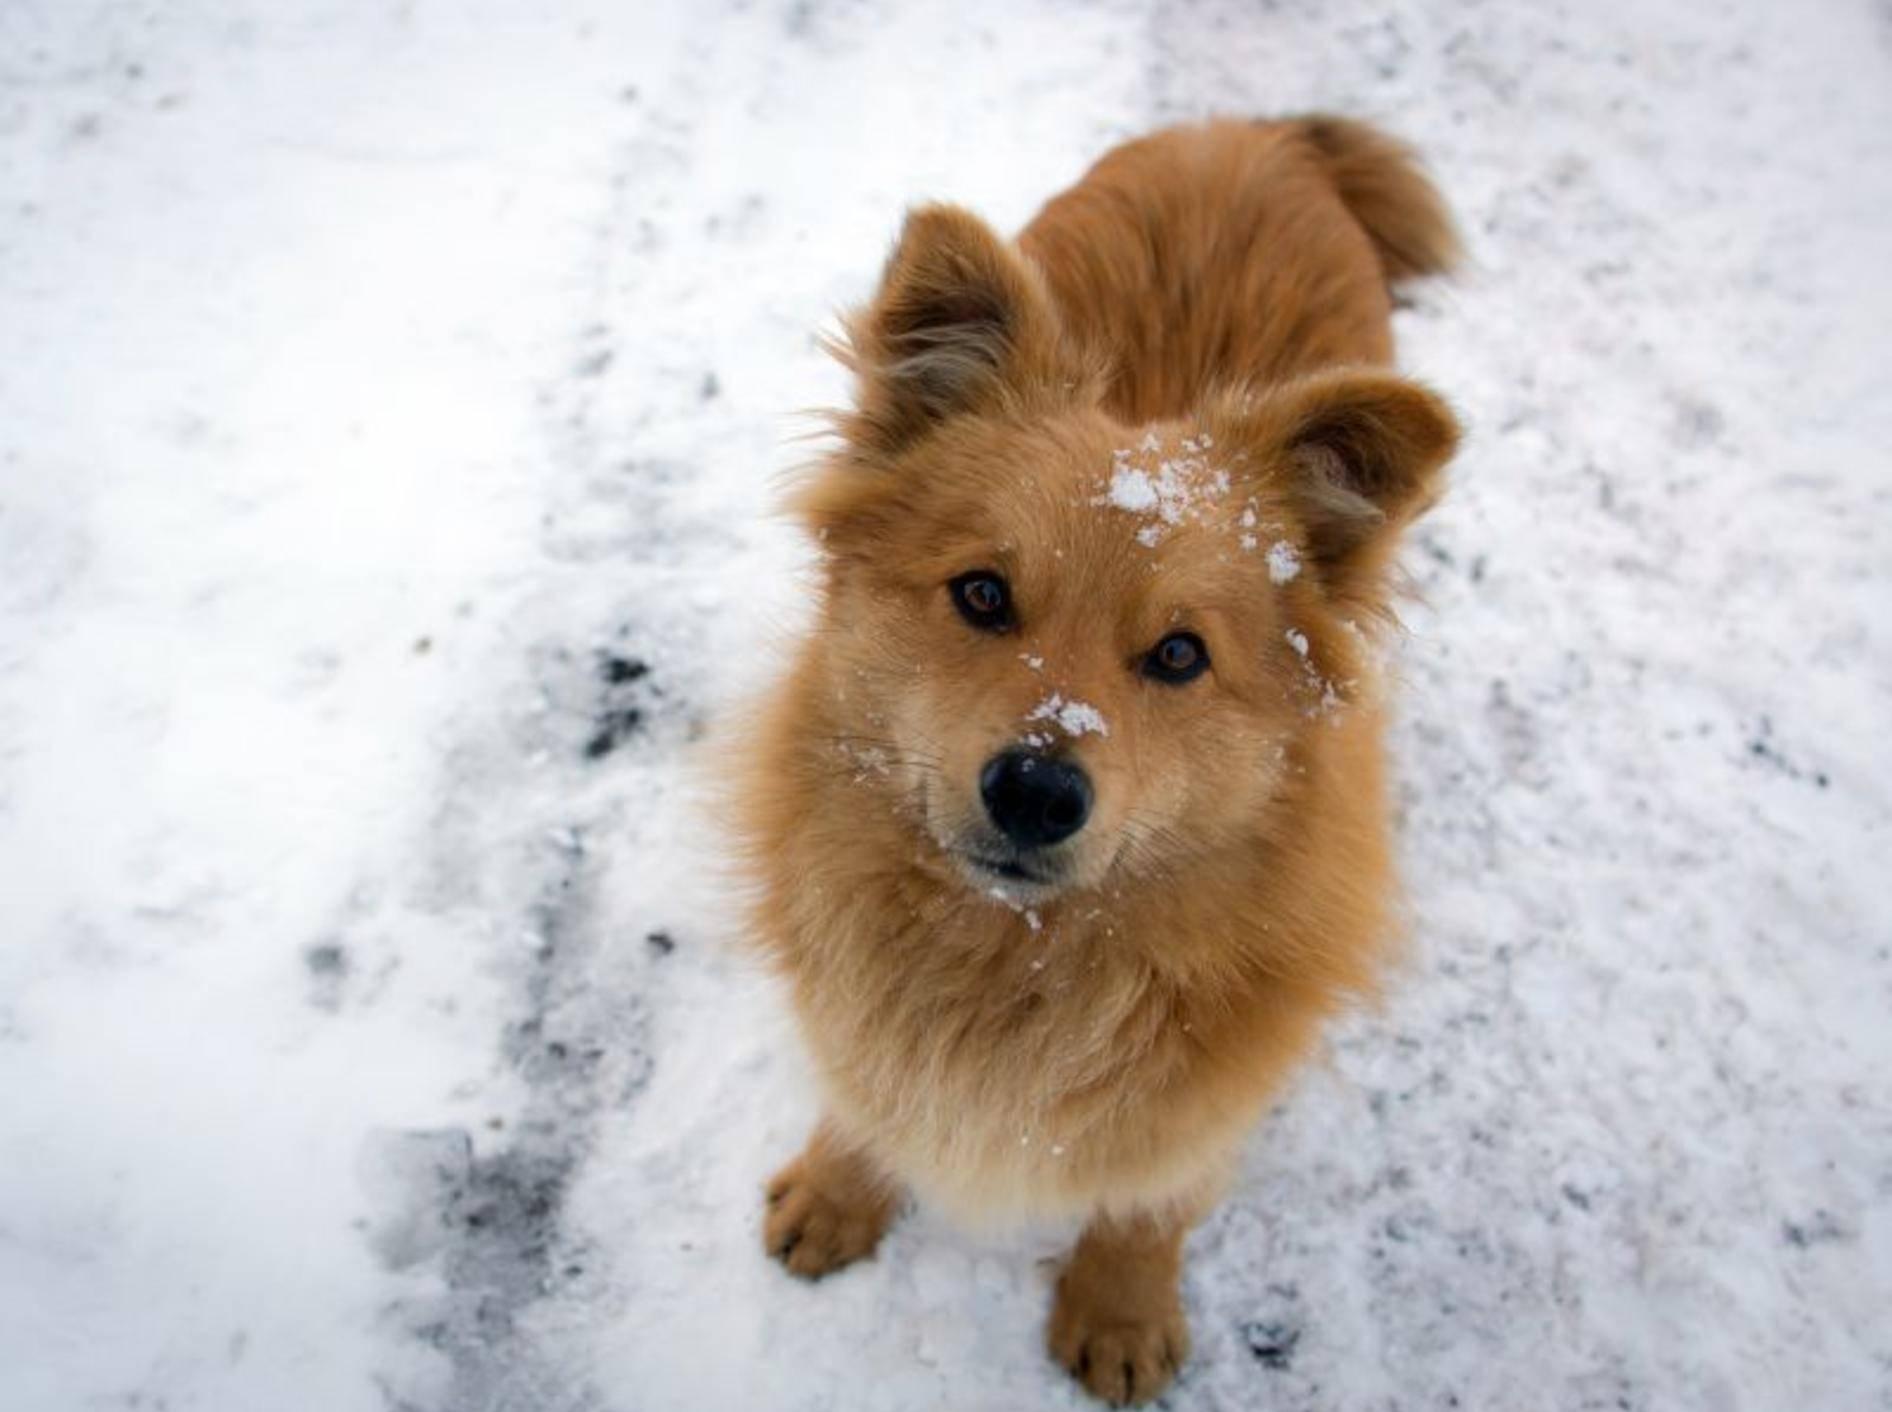 Vier Tipps für die Pfotenpflege bei Schnee und Eis – Bild: Shutterstock / Oleksandr Zhytko